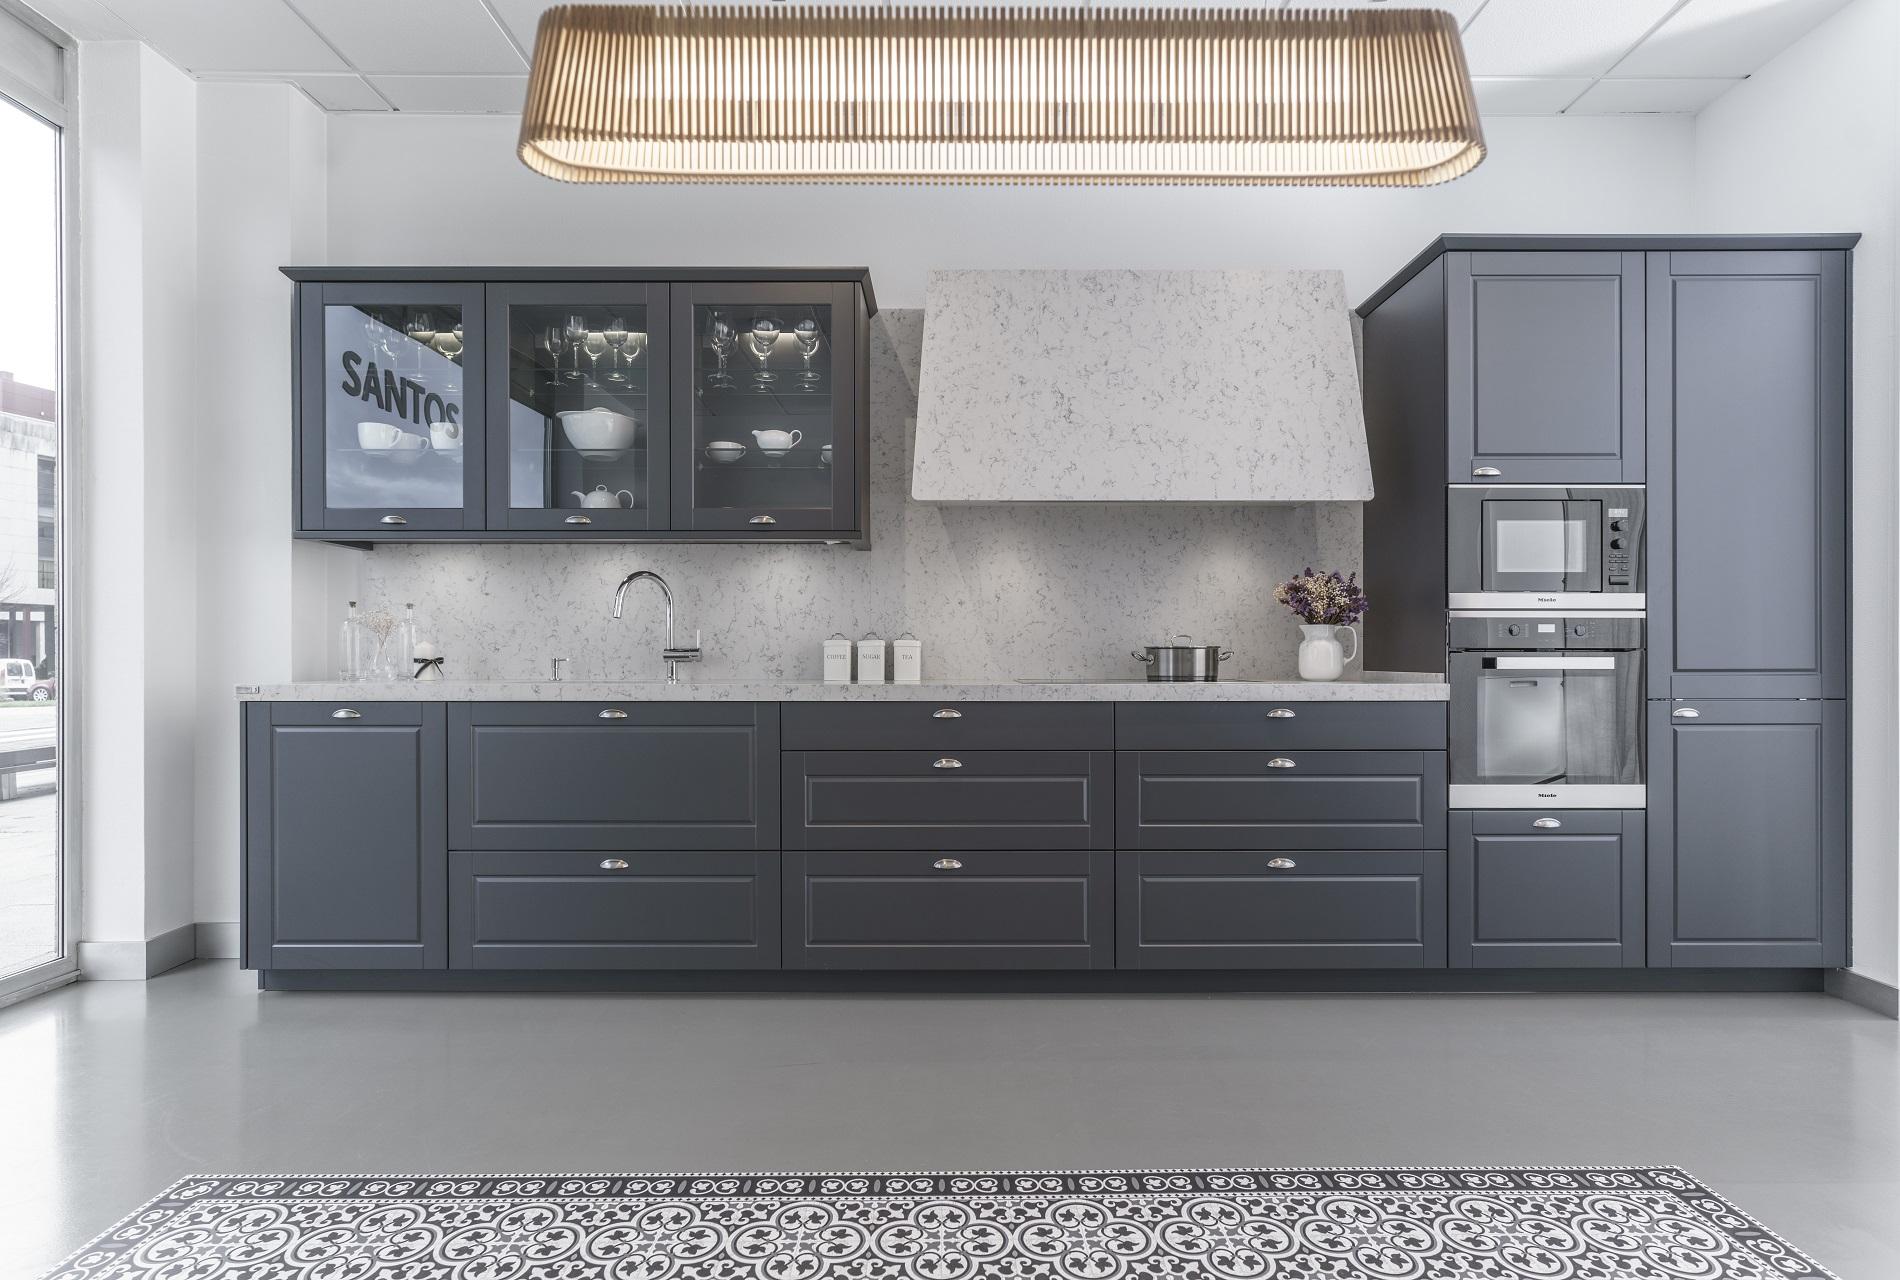 Liquidación cocinas de exposición Época Santiago Interiores